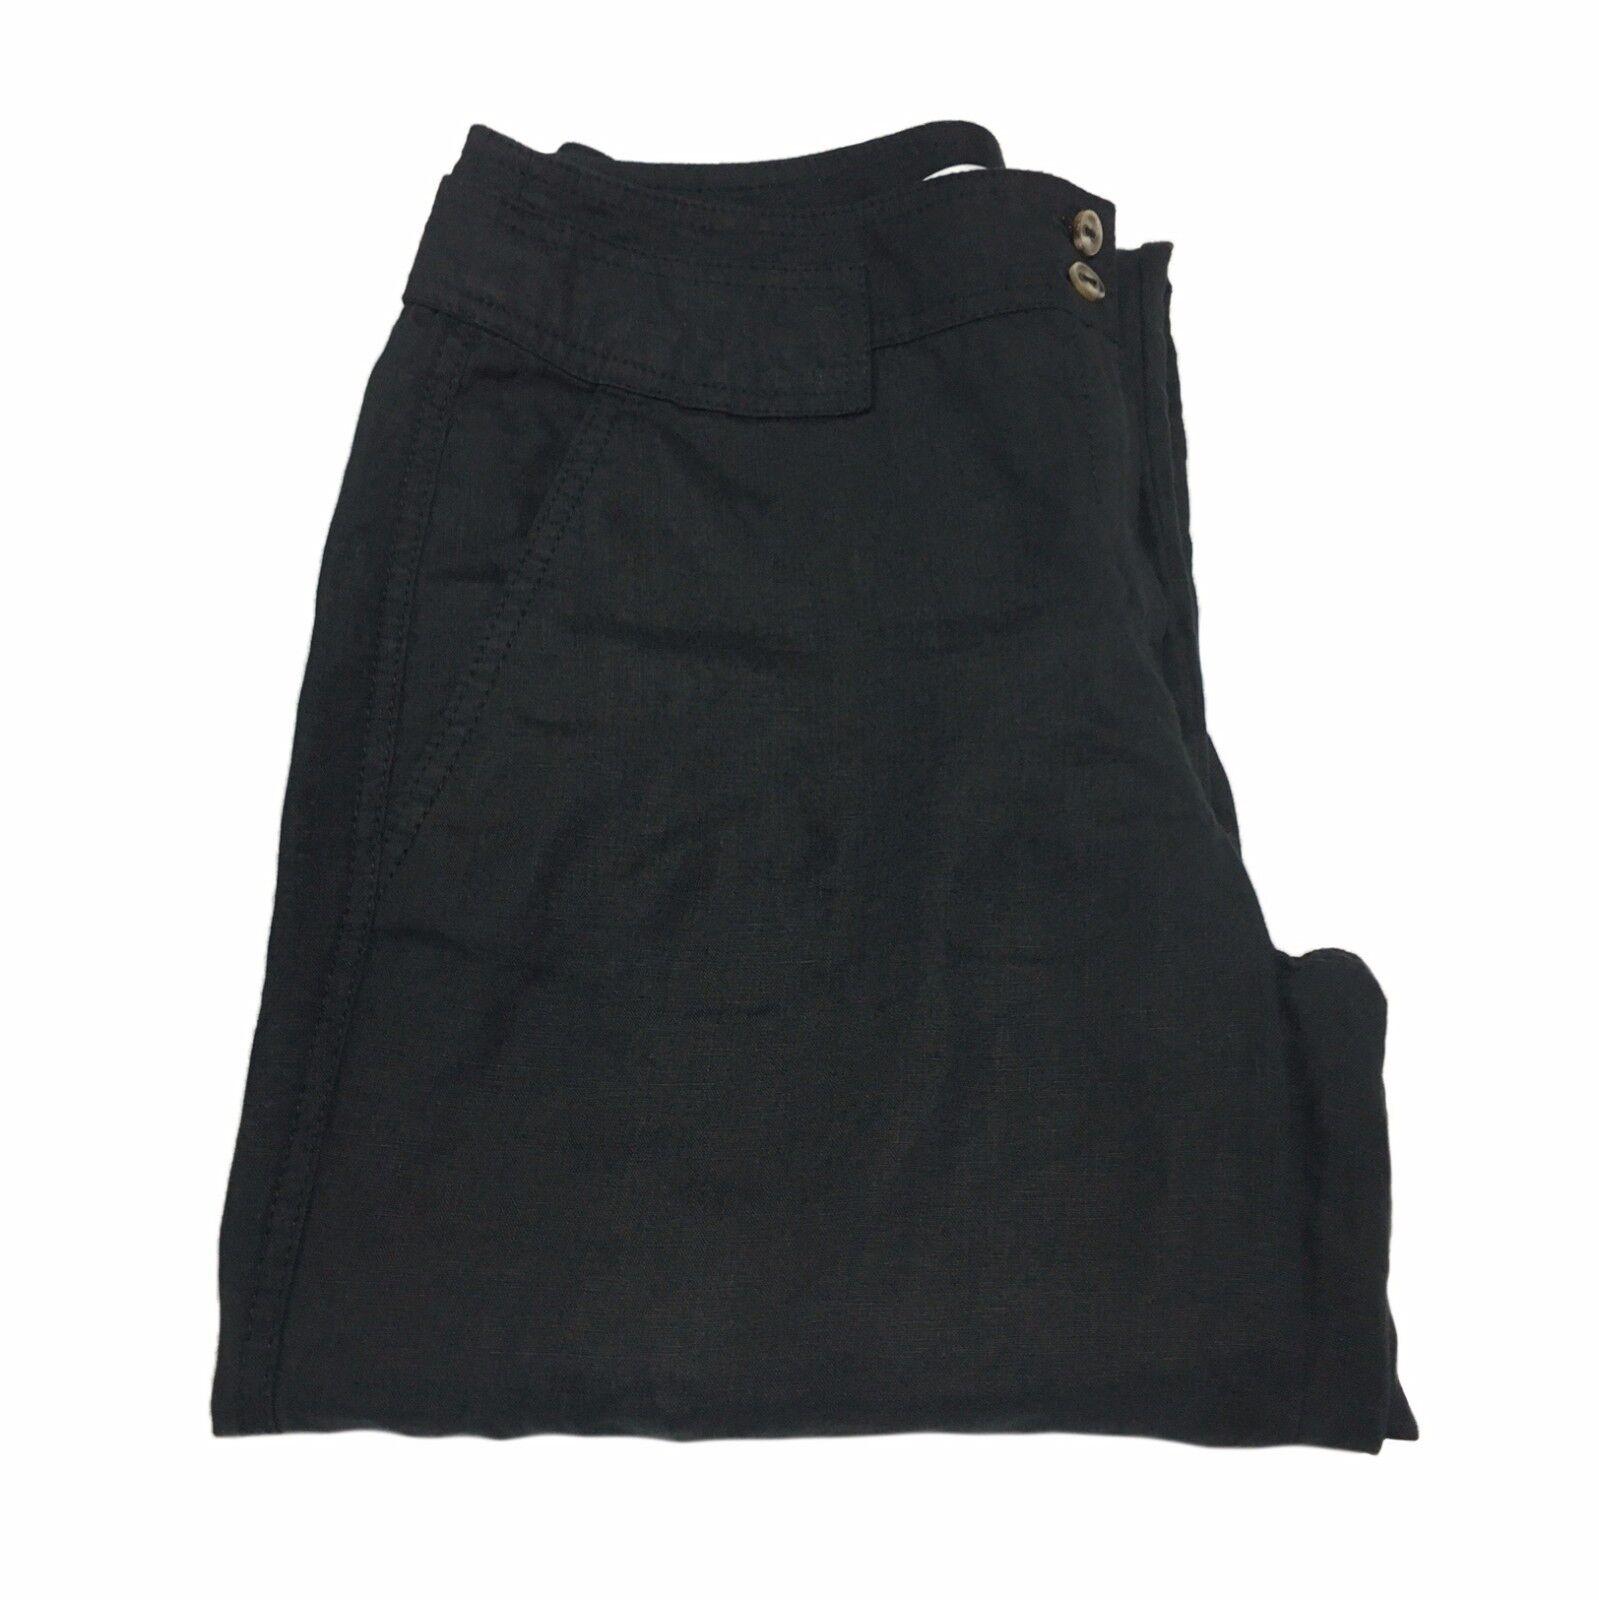 MARELLA Damenhose schwarz Möglichkeit um es zu nehmen up Knie 100% Leinen